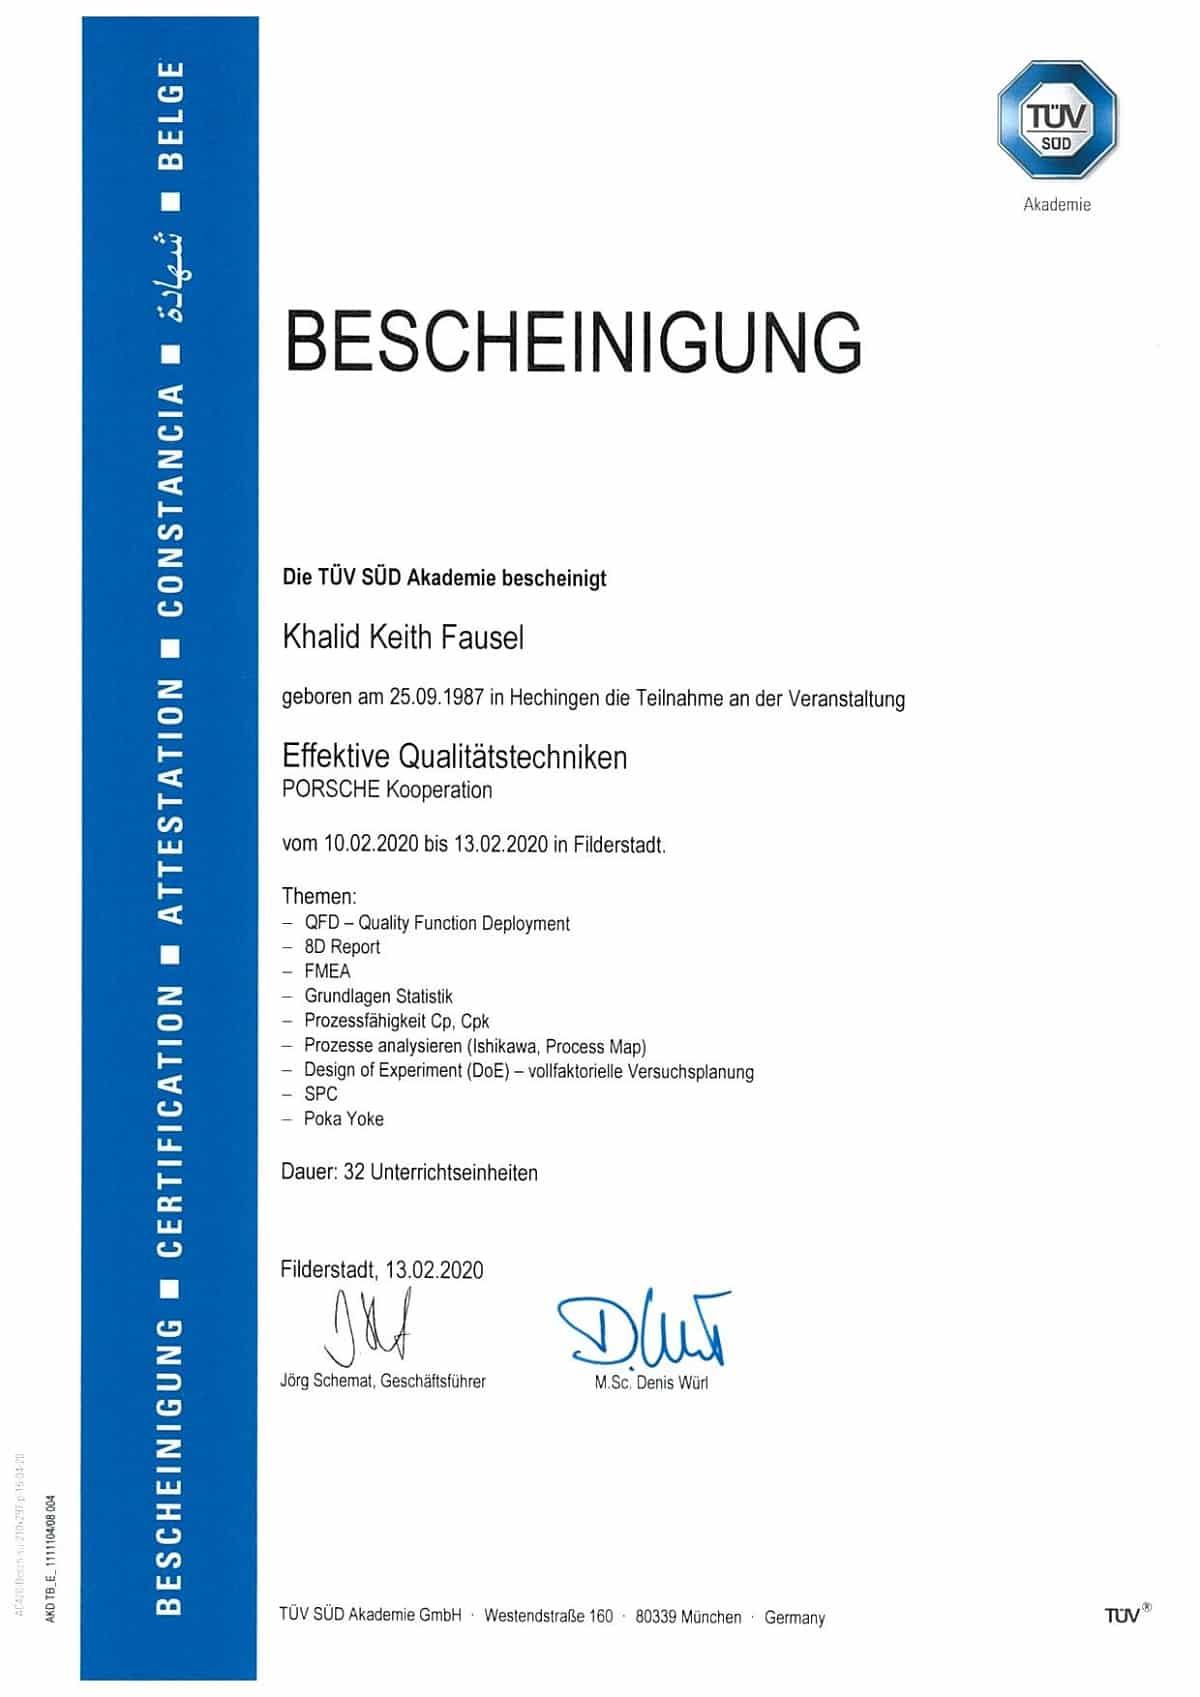 Khalid Fausel Bescheinigung Effektive Qualitätstechnicken